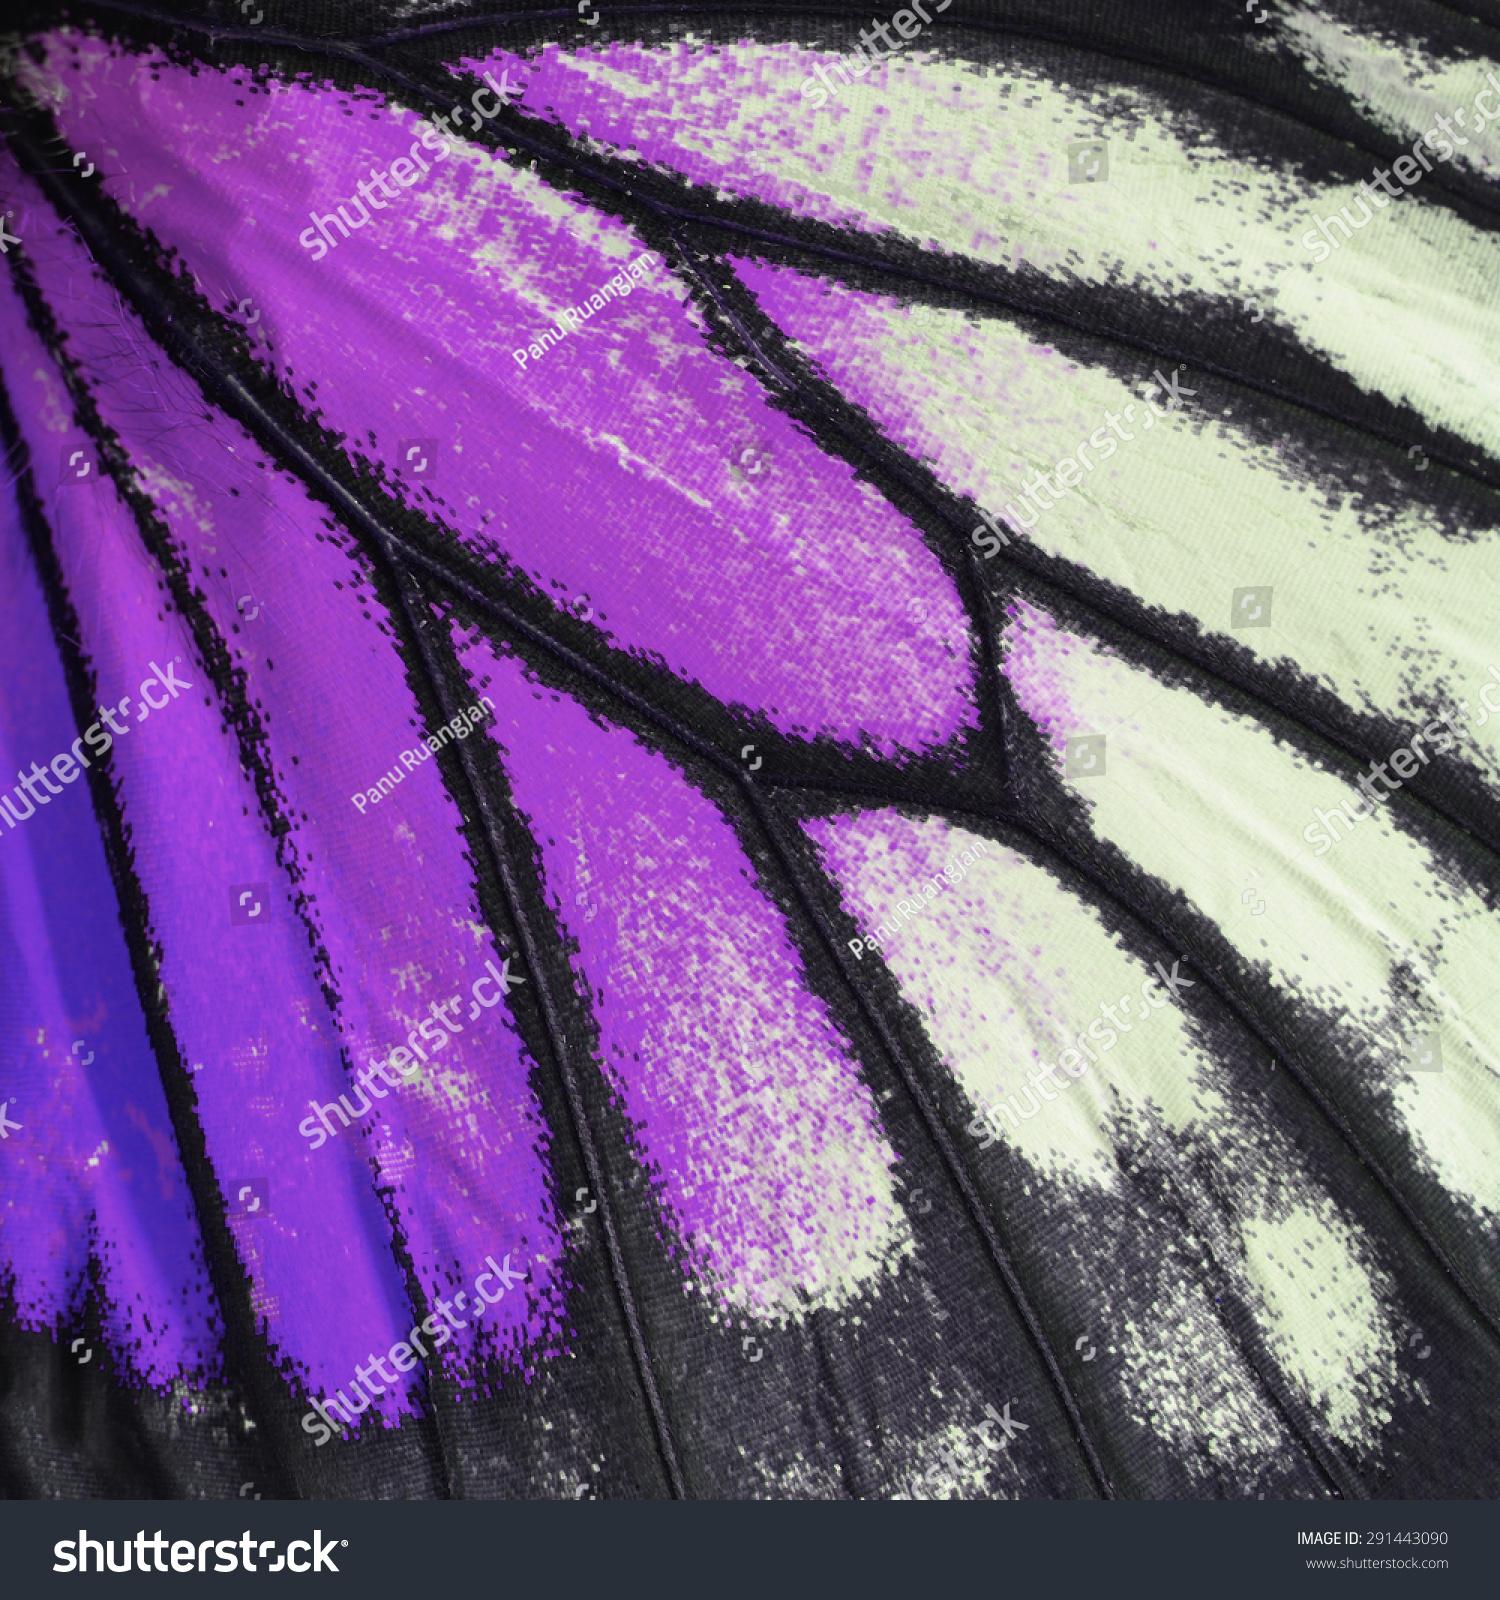 自然纹理,来自紫色蝴蝶翅膀的背景-动物/野生生物